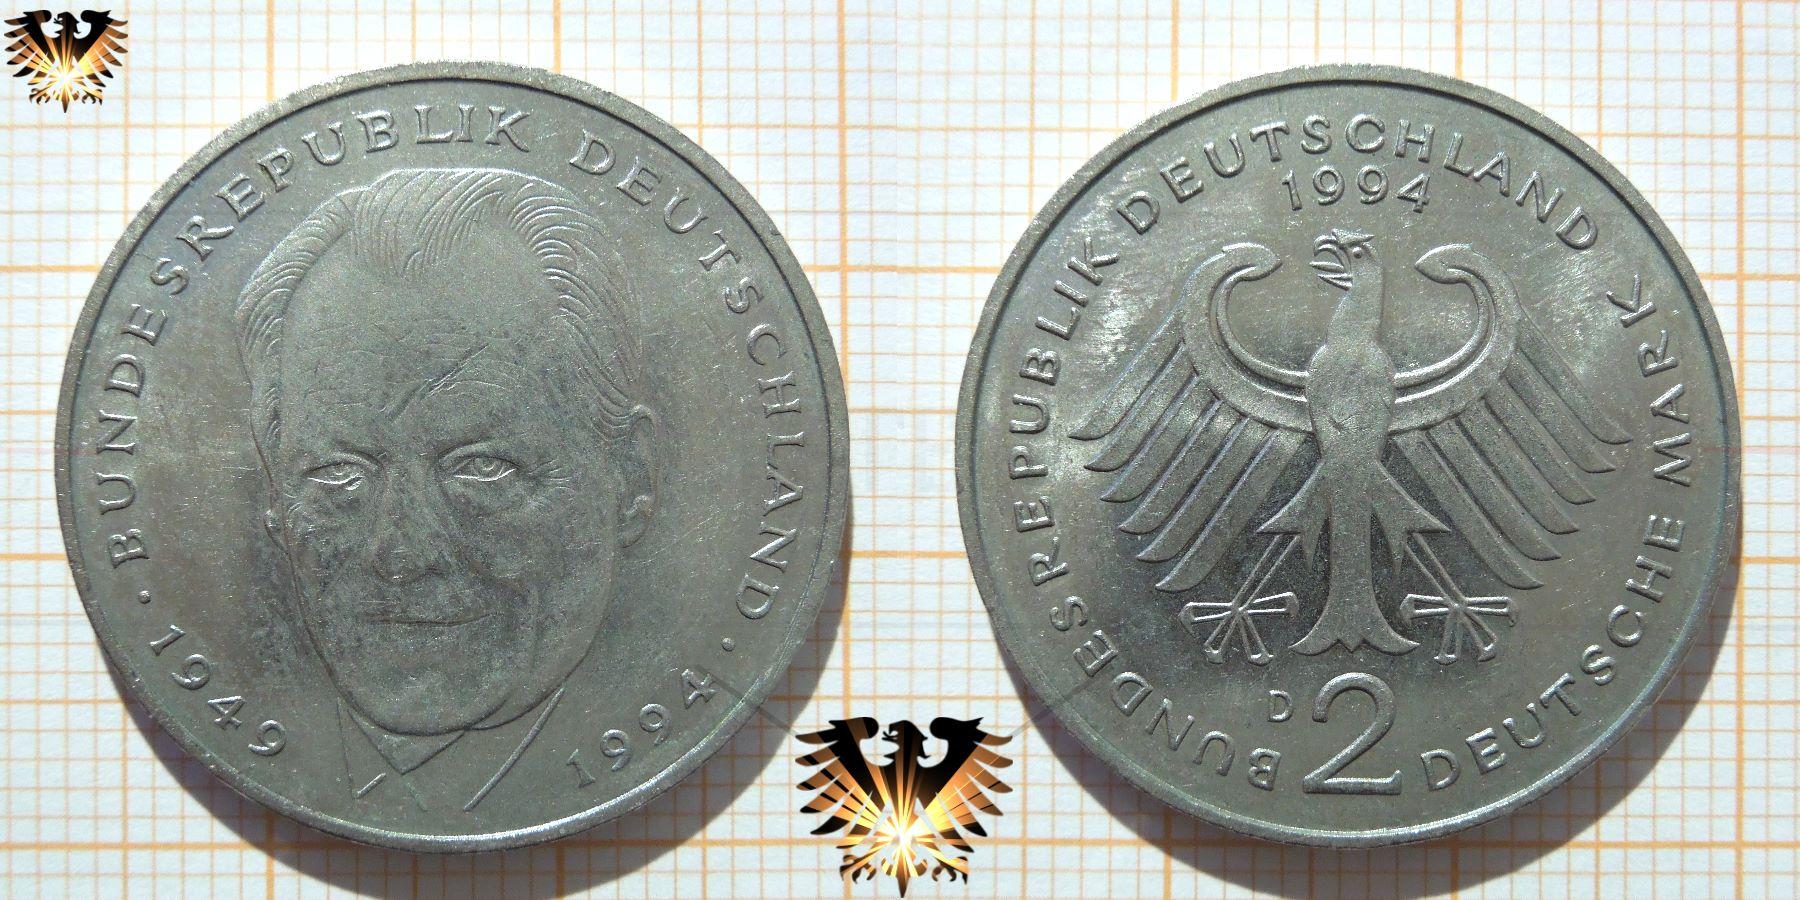 Brd Dm Sammlermünzen Kursmünzen Silbermünzen Goldmünzen